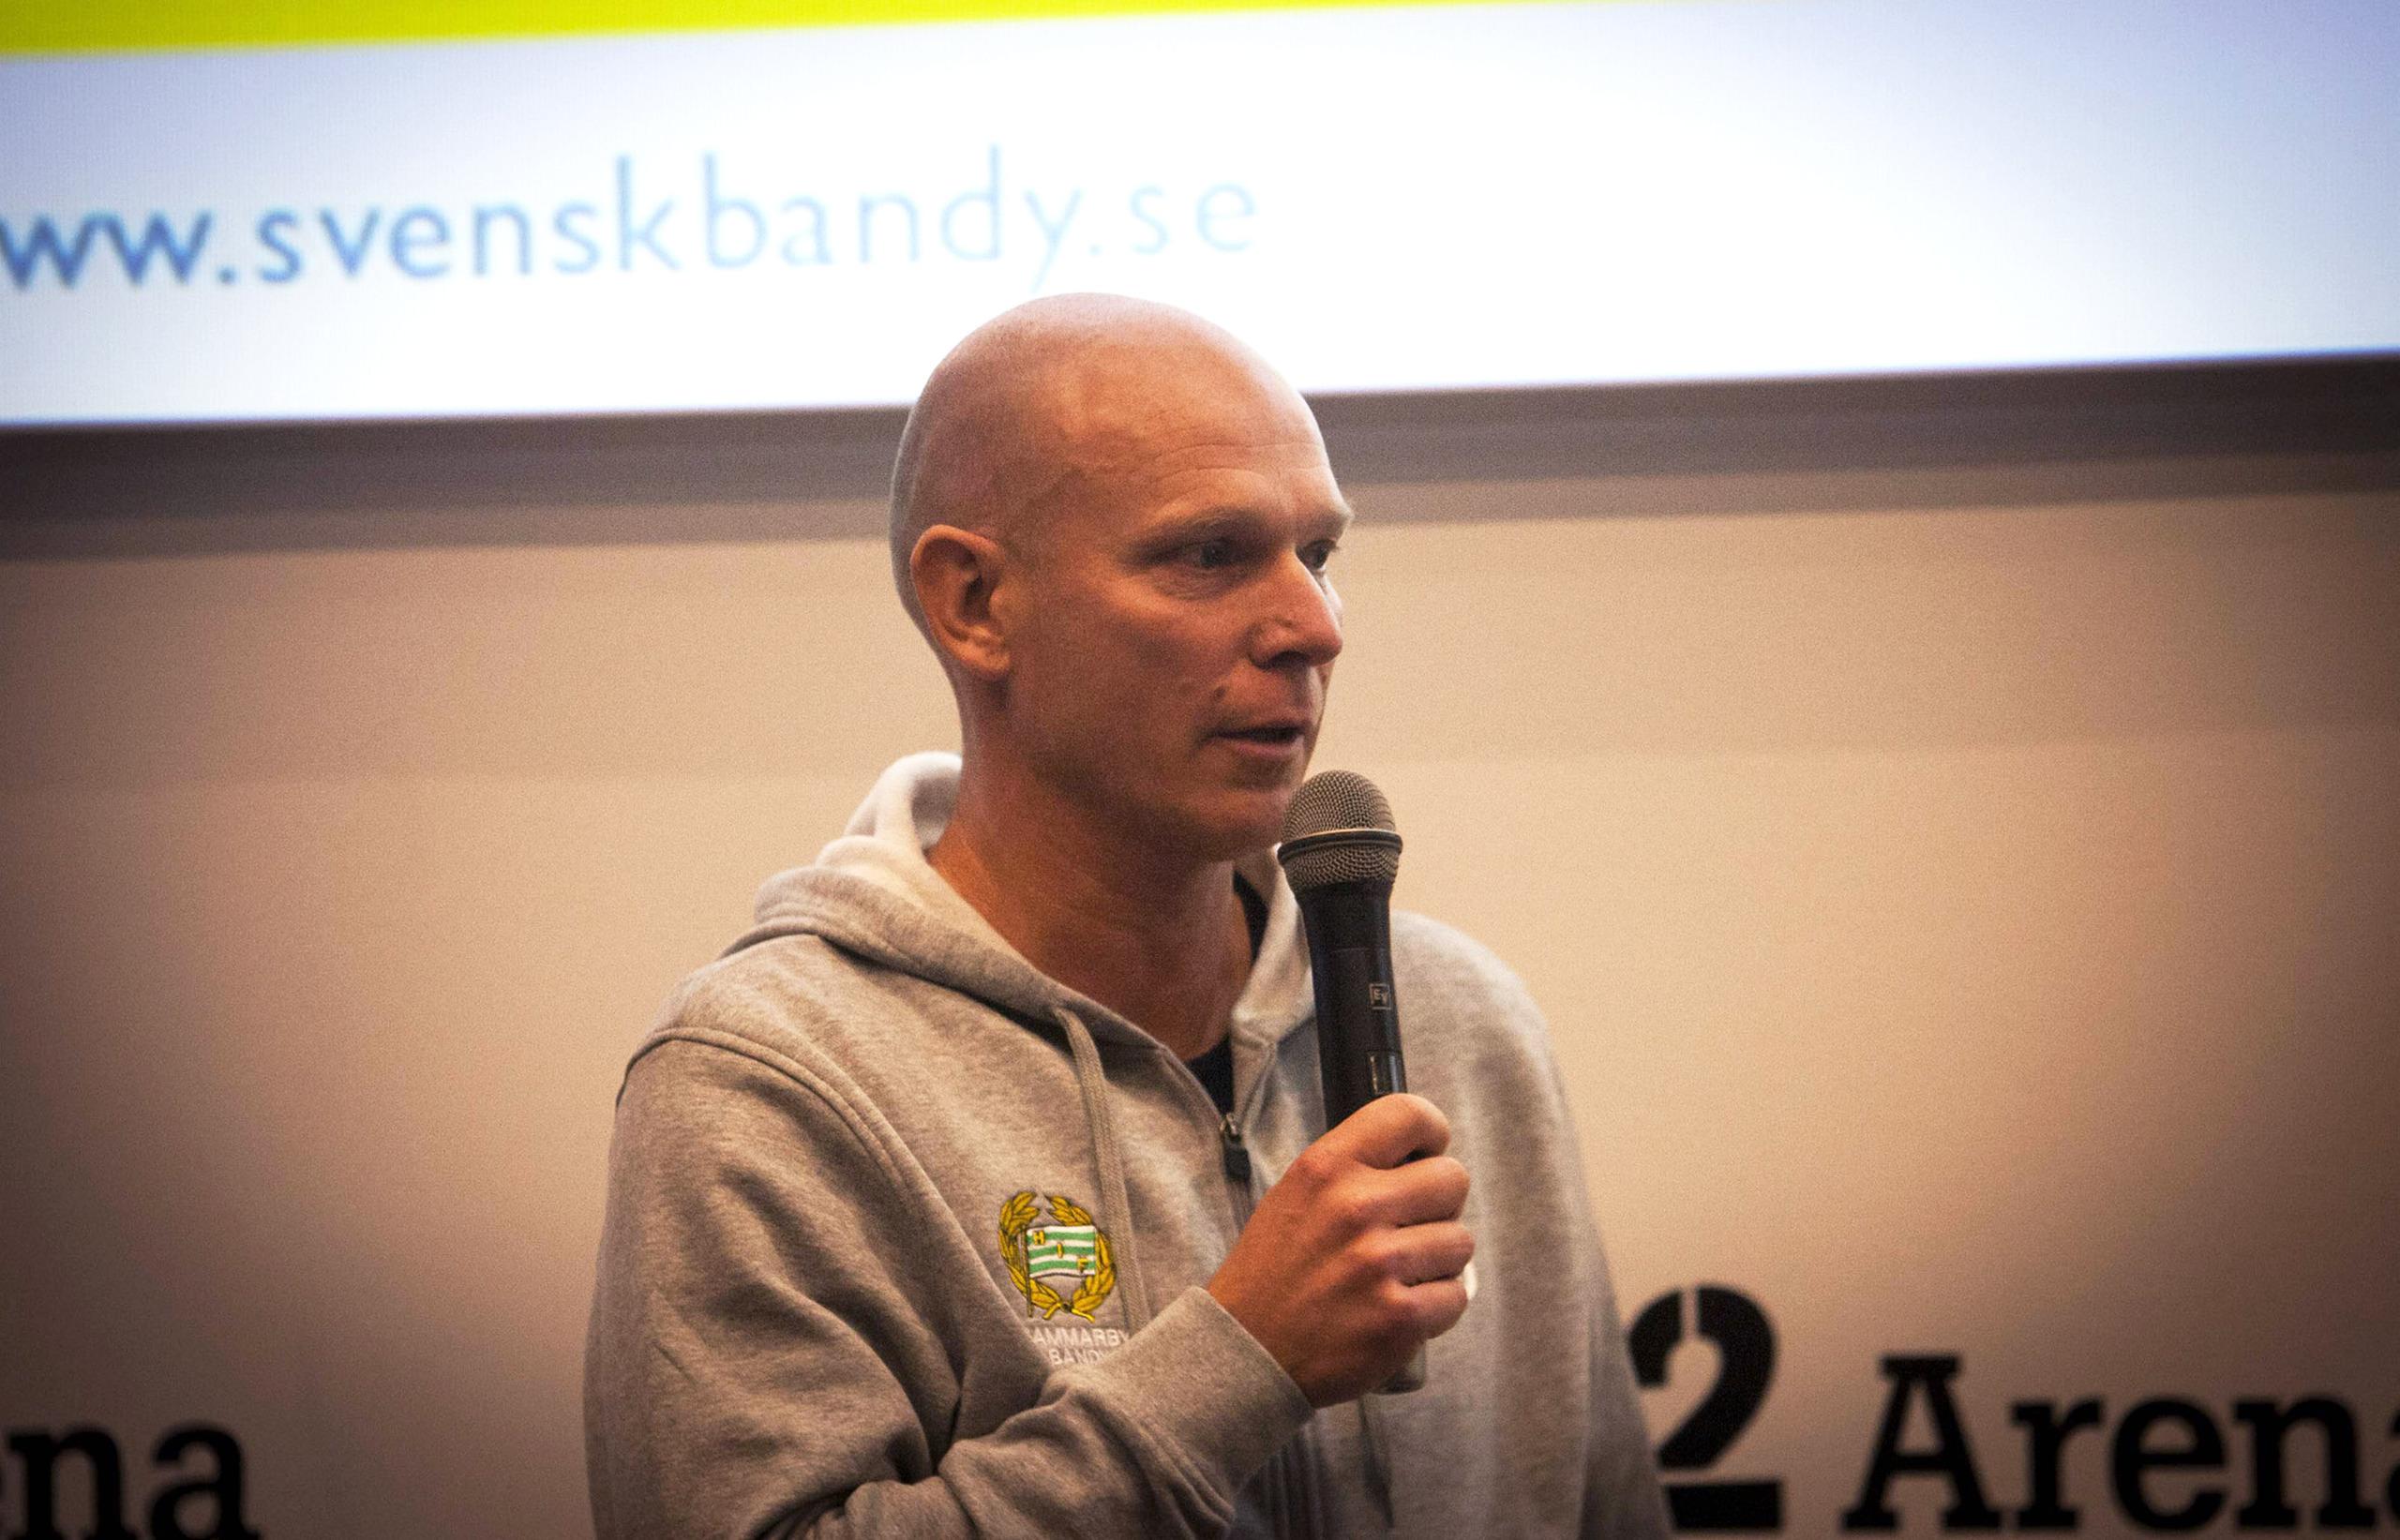 Goran rosendahl lagger av efter finalen